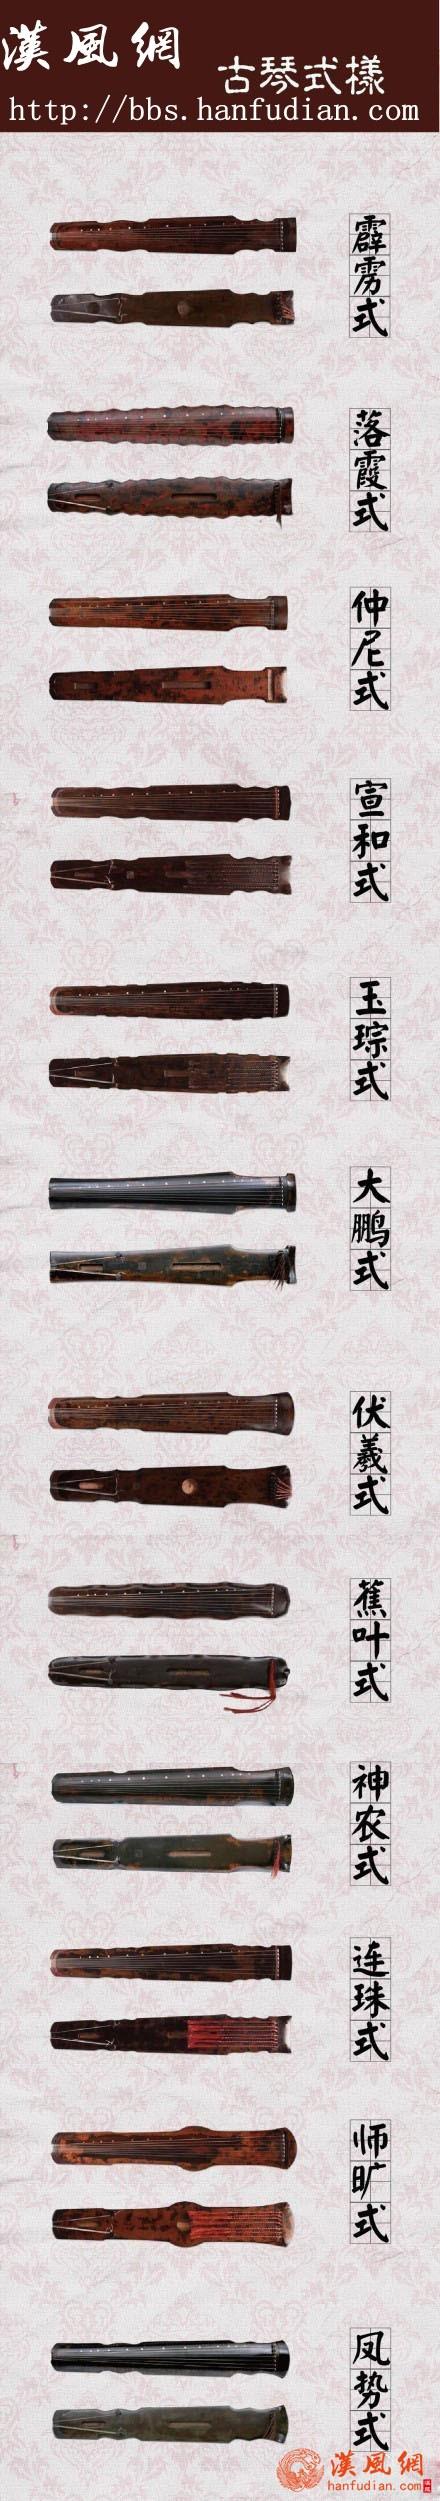 古琴式样 (1)